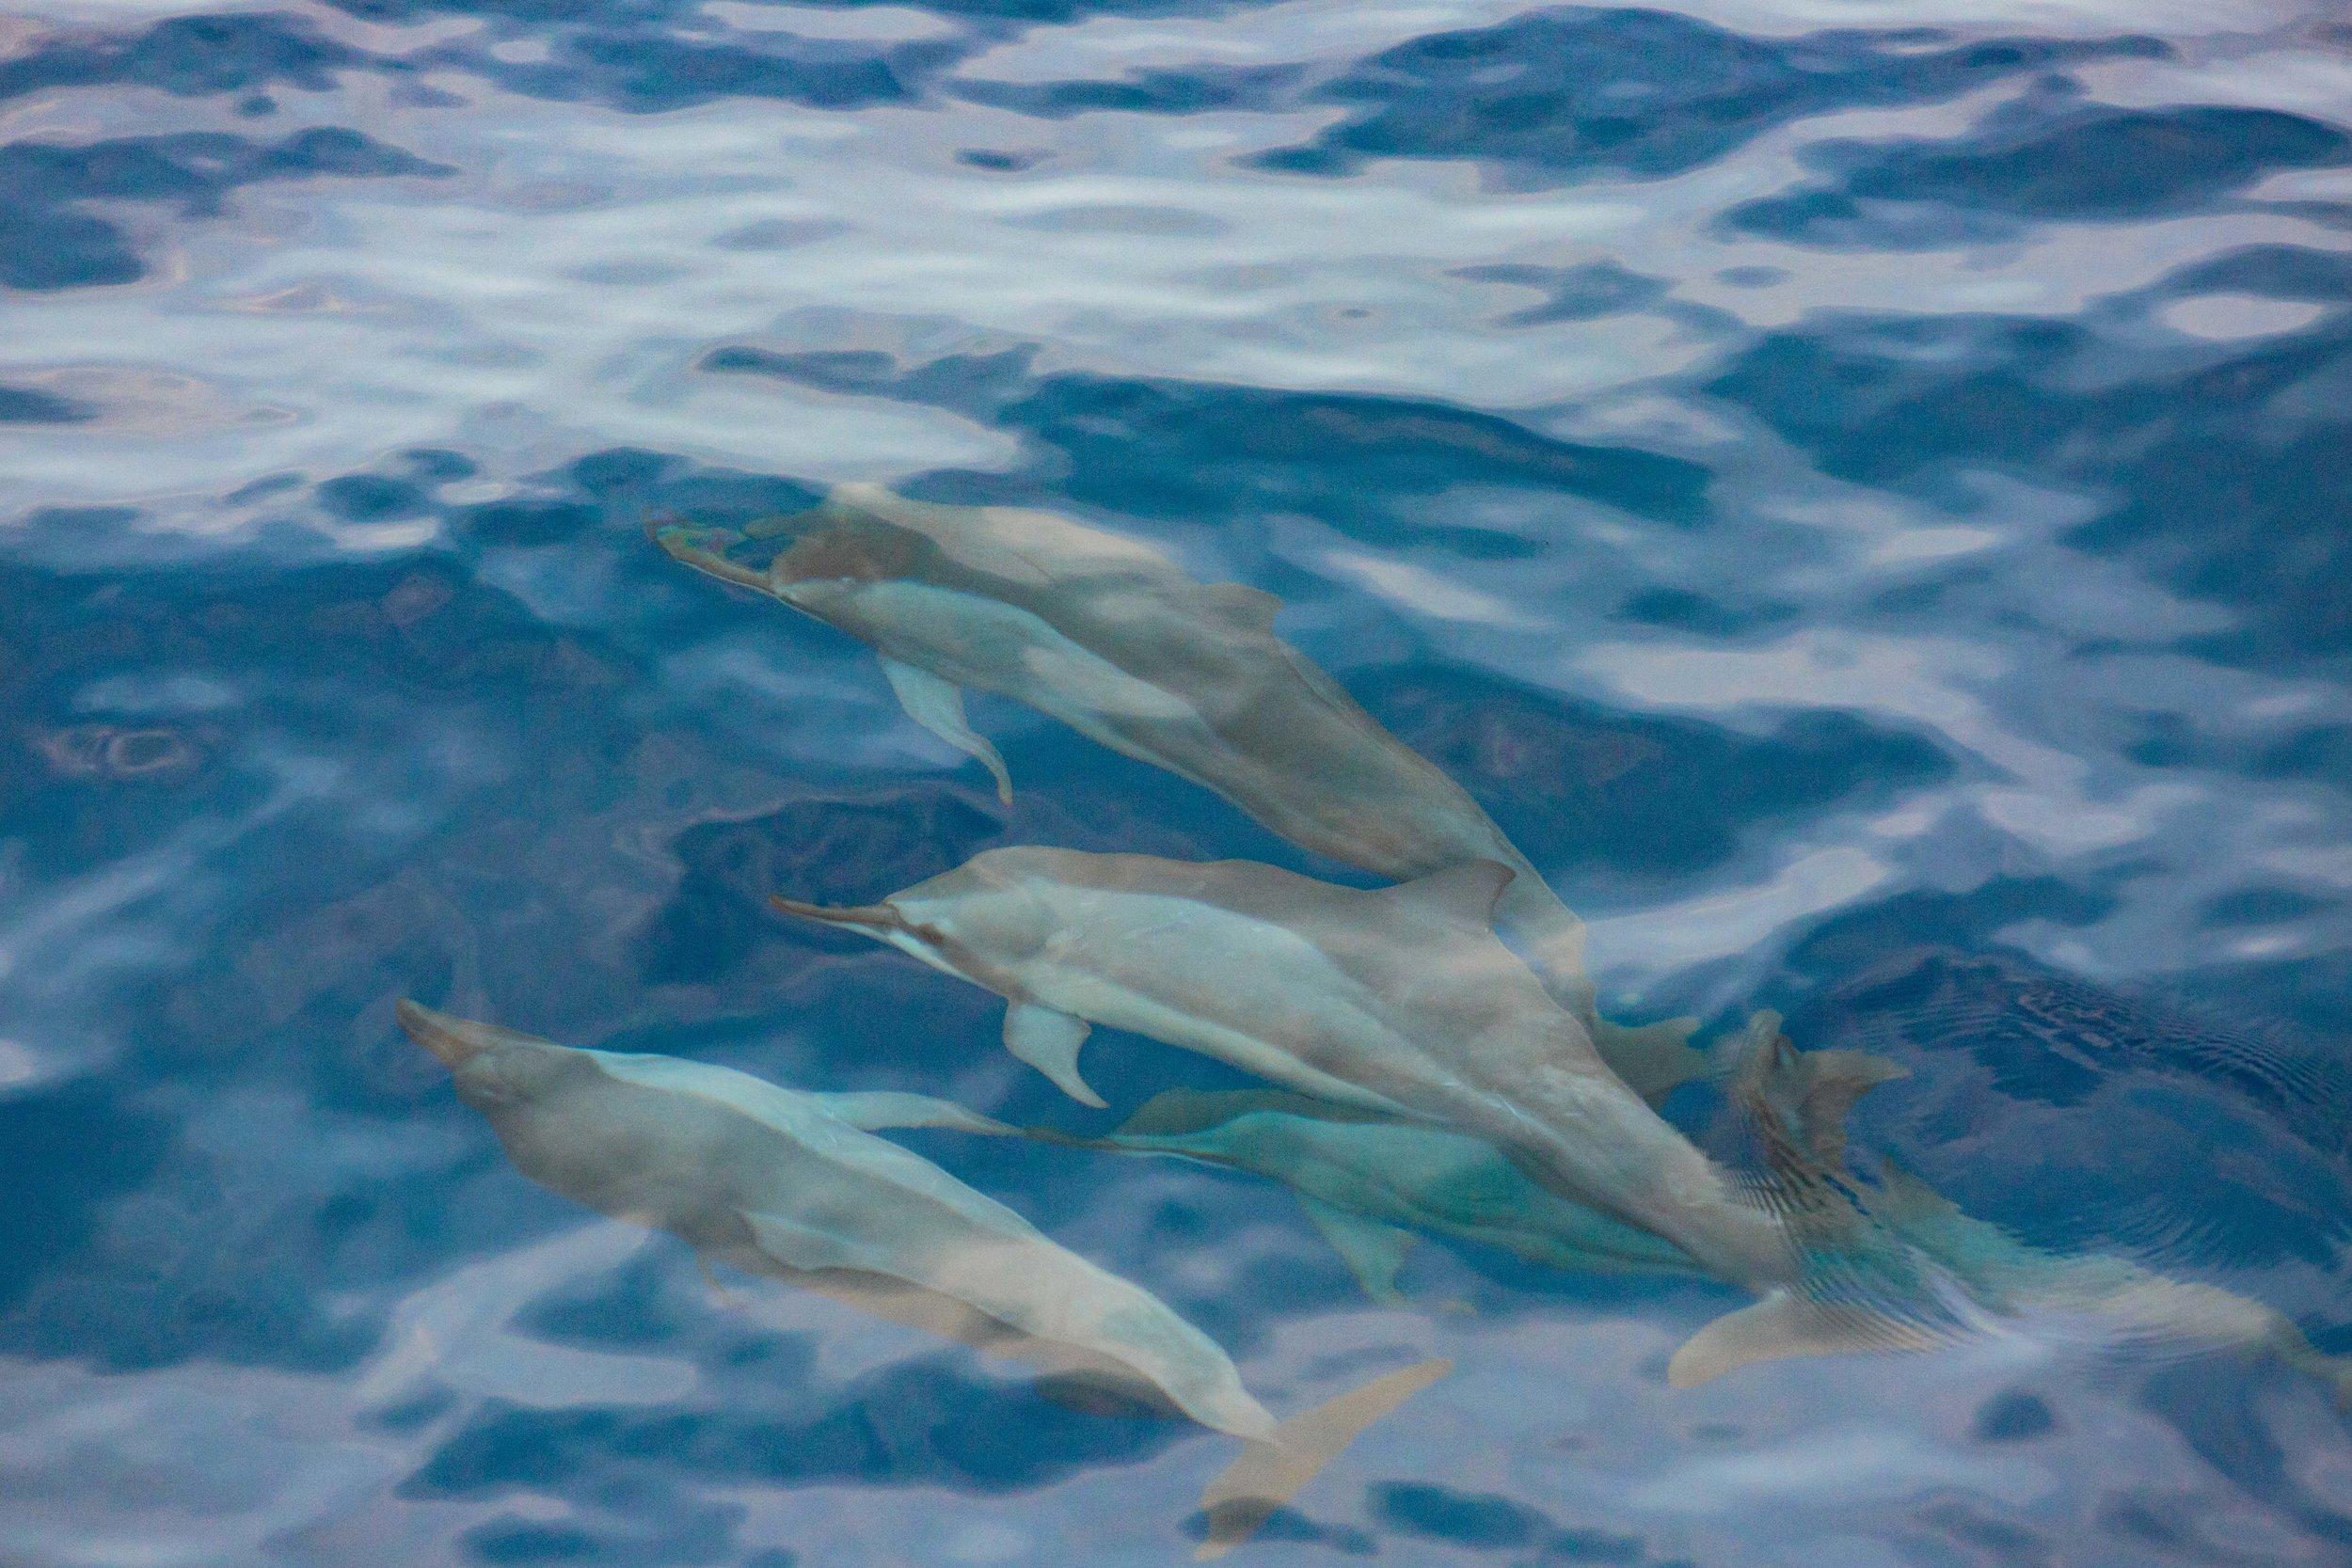 Underwater dolphins.